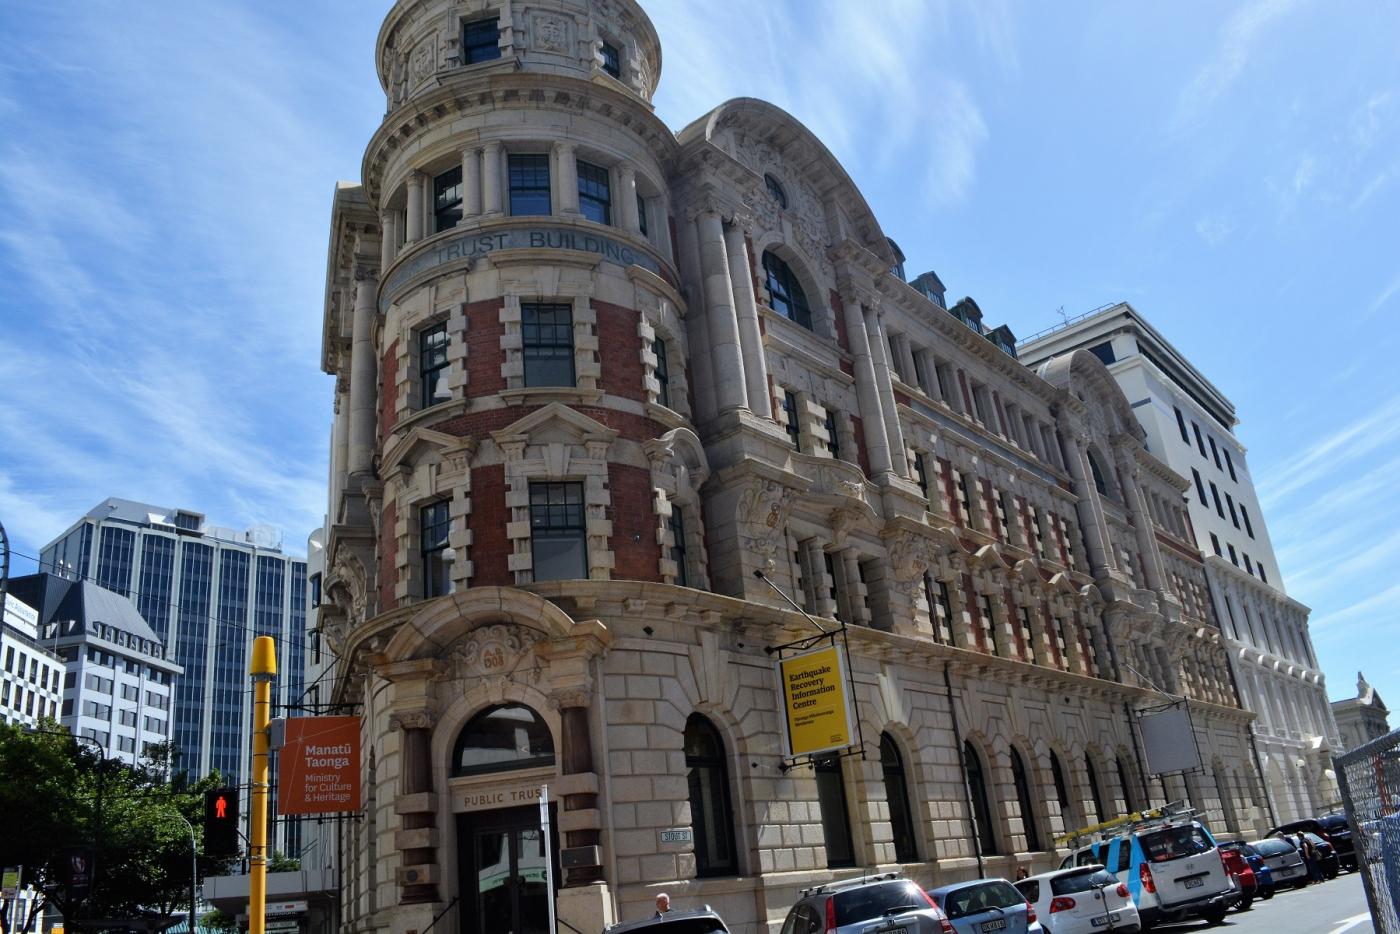 新西兰首都惠灵顿街景_图1-4